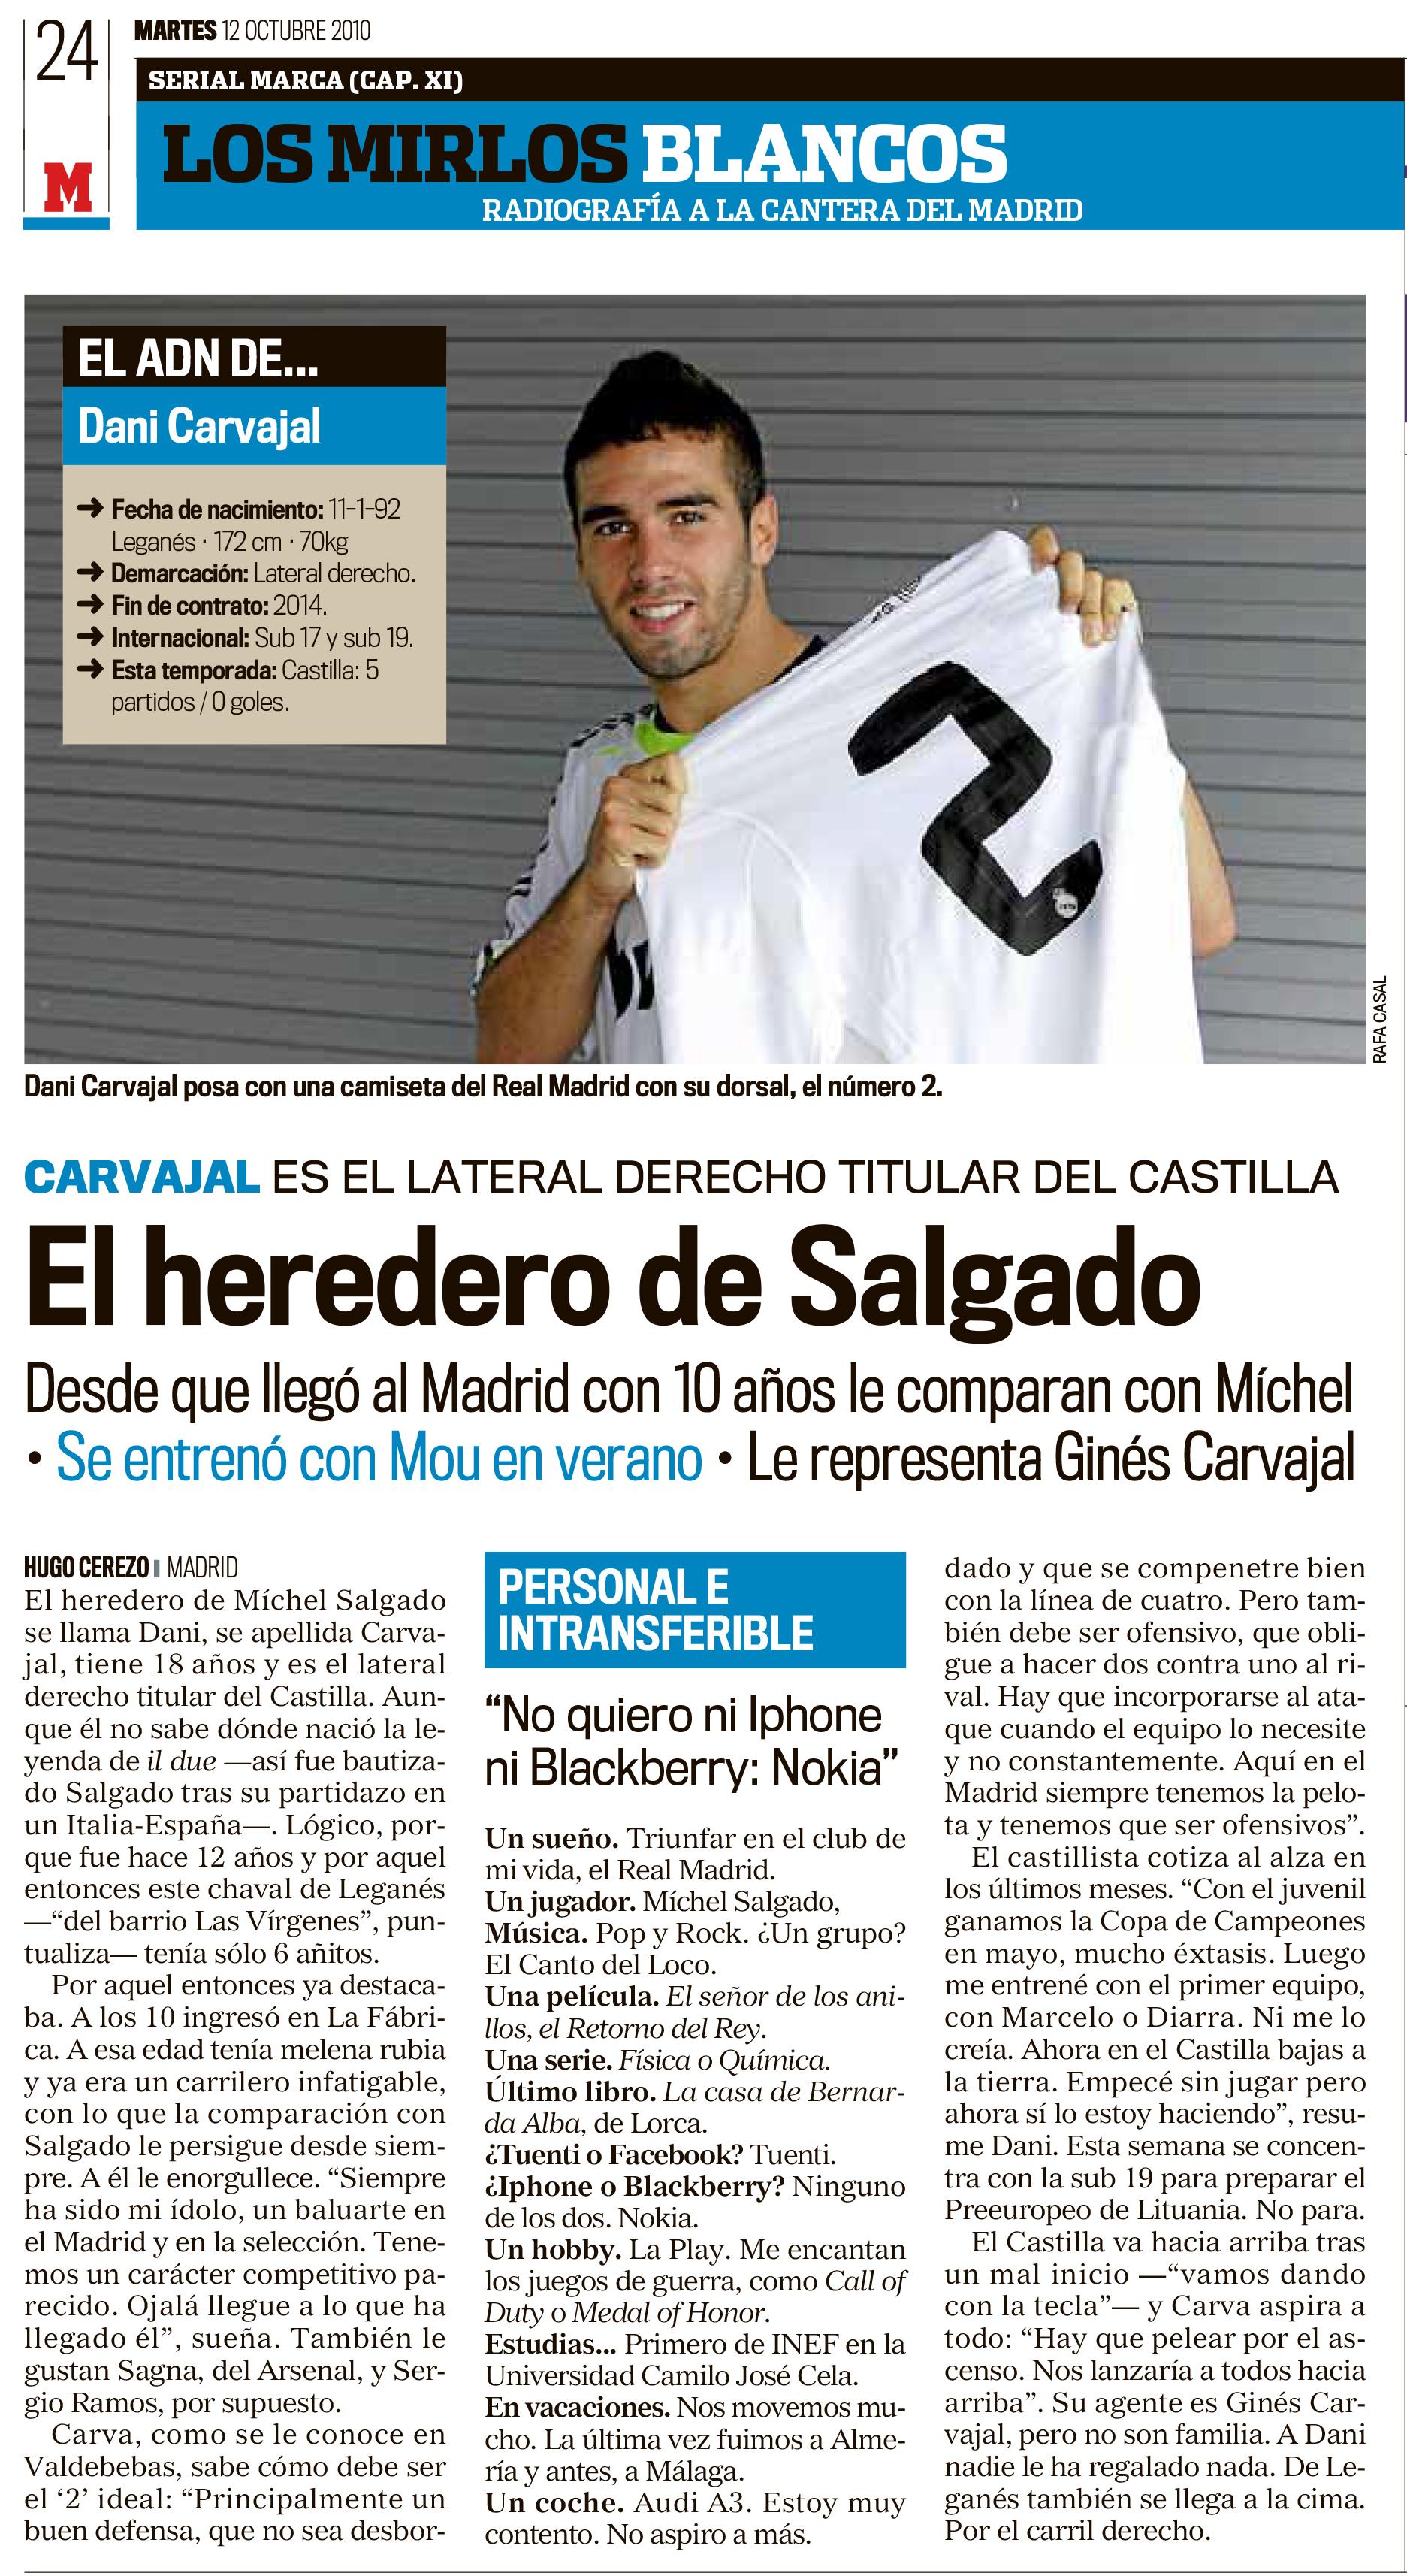 La primera entrevista de Carvajal en MARCA en octubre de 2010